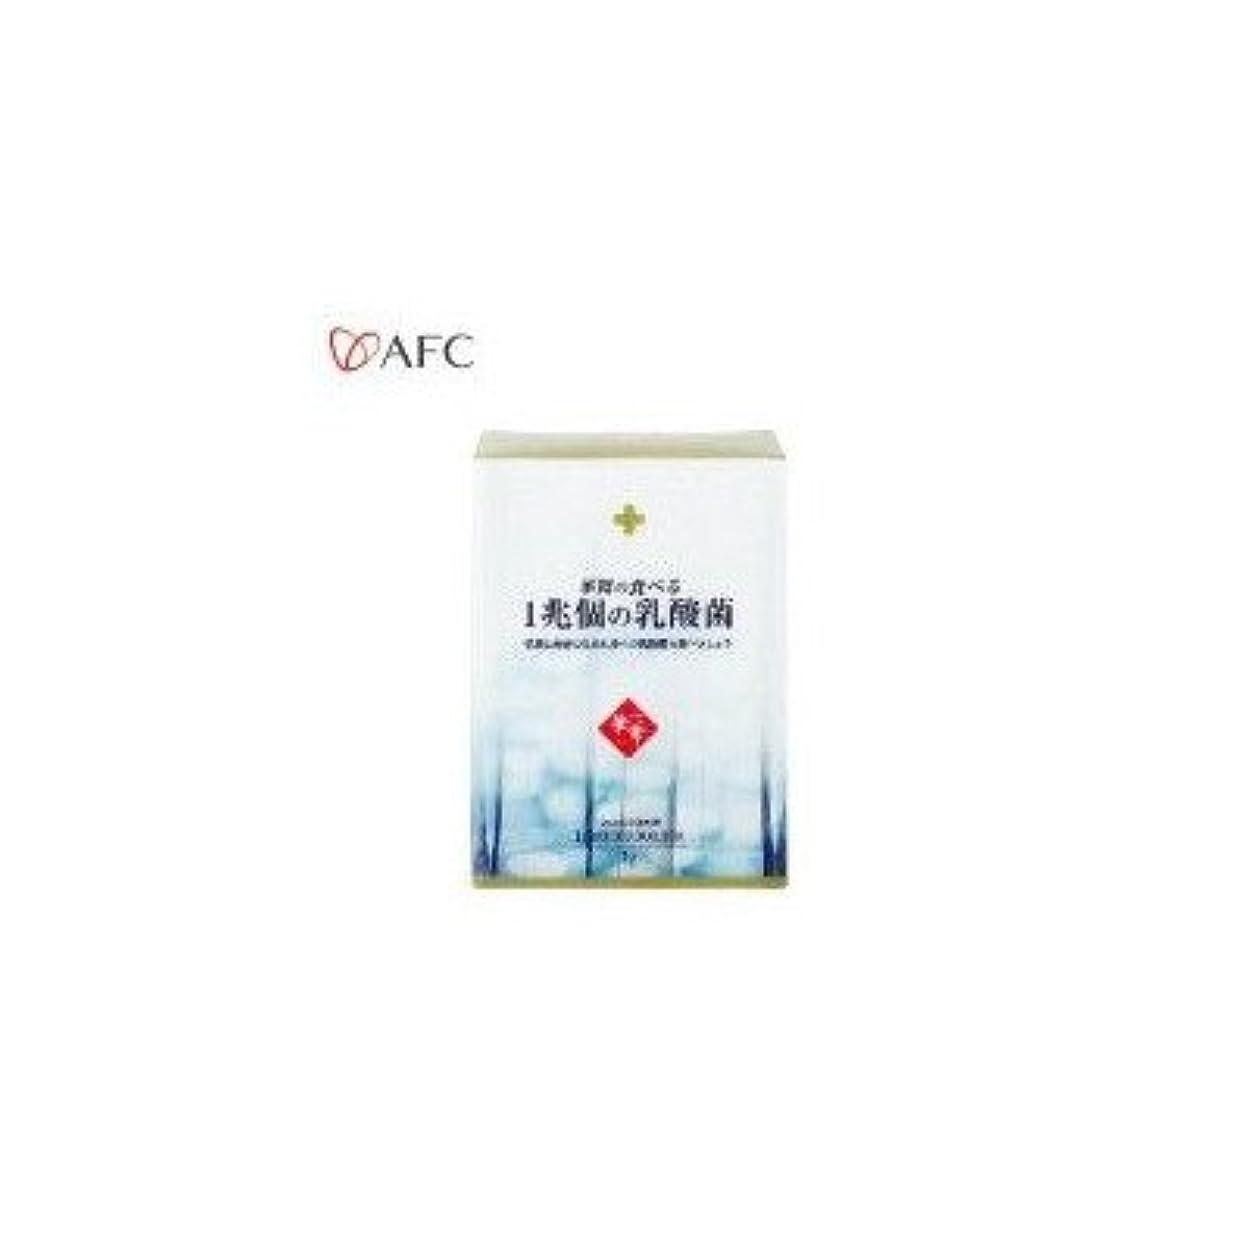 ミシン裁量敵AFC 華舞シリーズ 華舞の1兆個の乳酸菌 スティックタイプ 30g(1g×30本) 3222